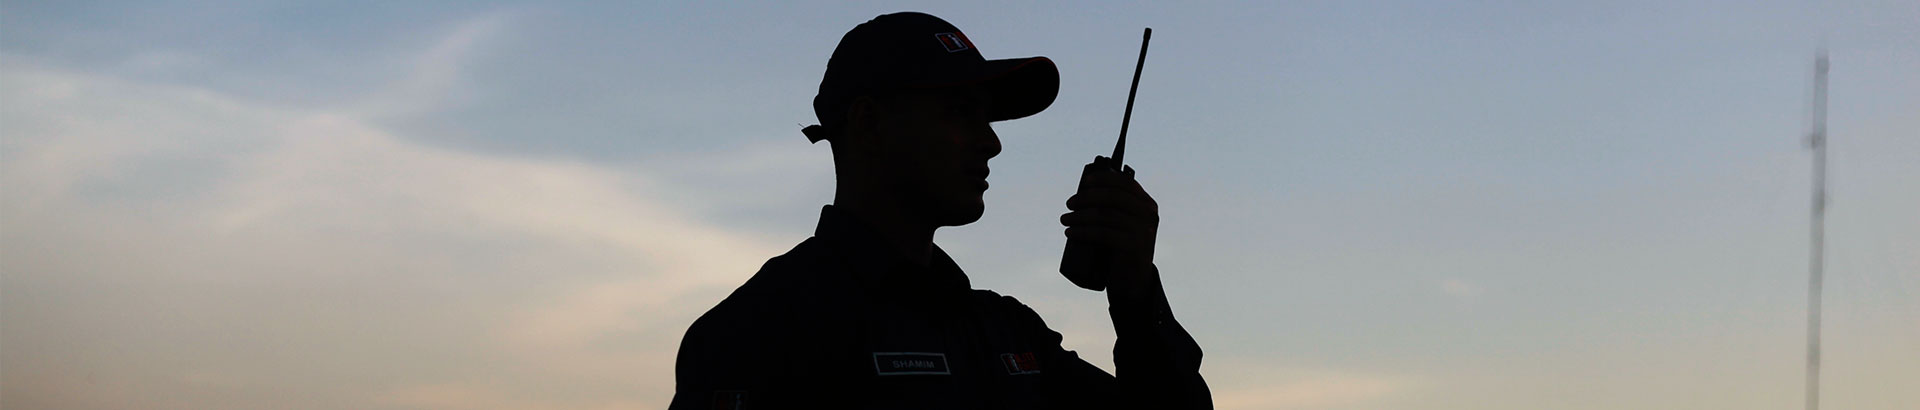 Elite Force Guard Speaking Walkie Talkie